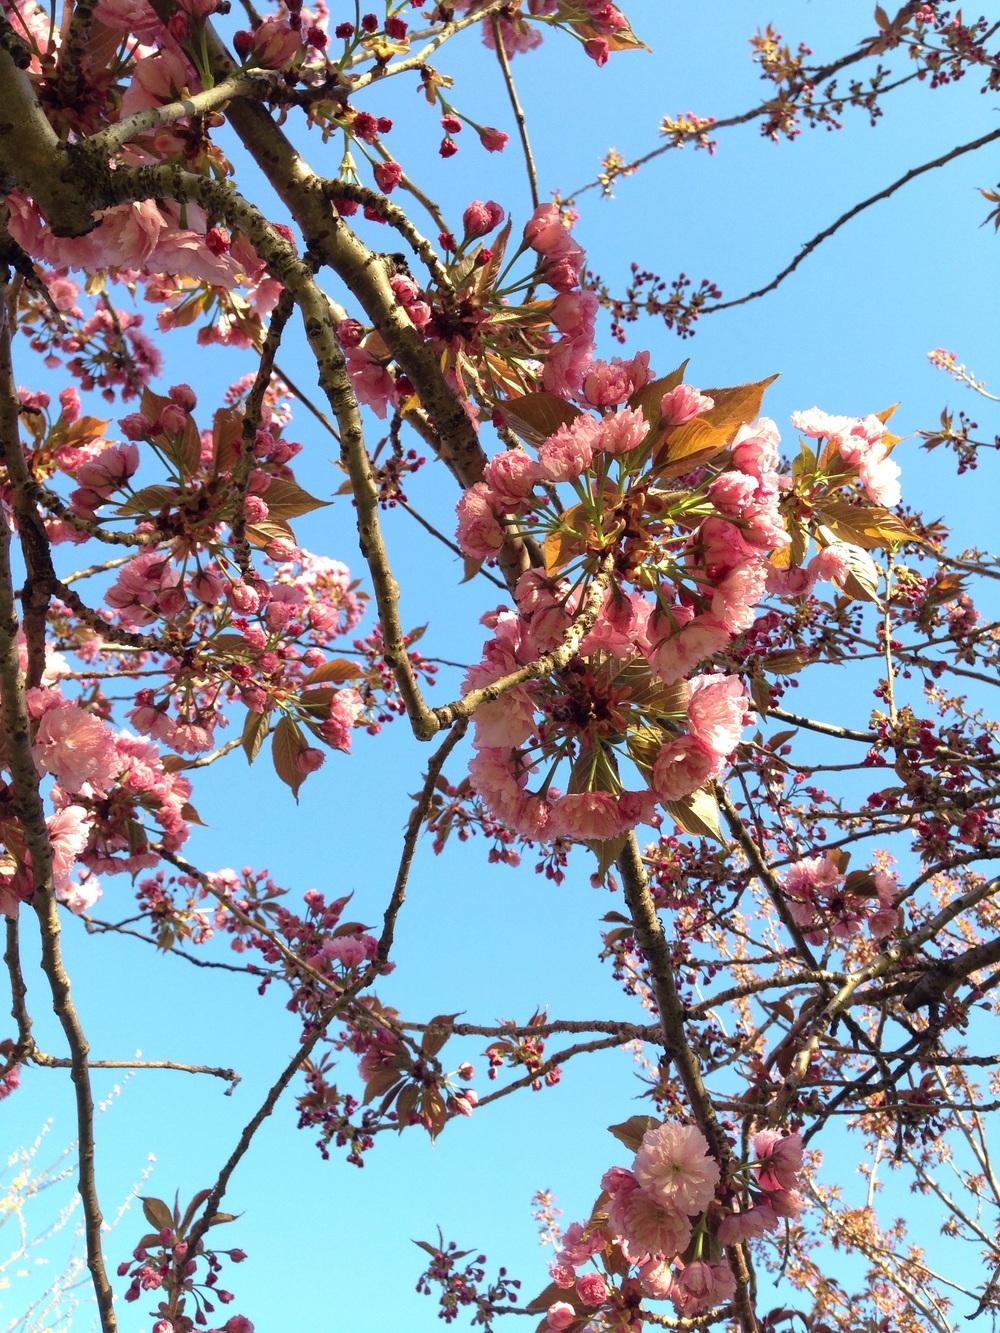 From Brooklyn Botanical Gardens